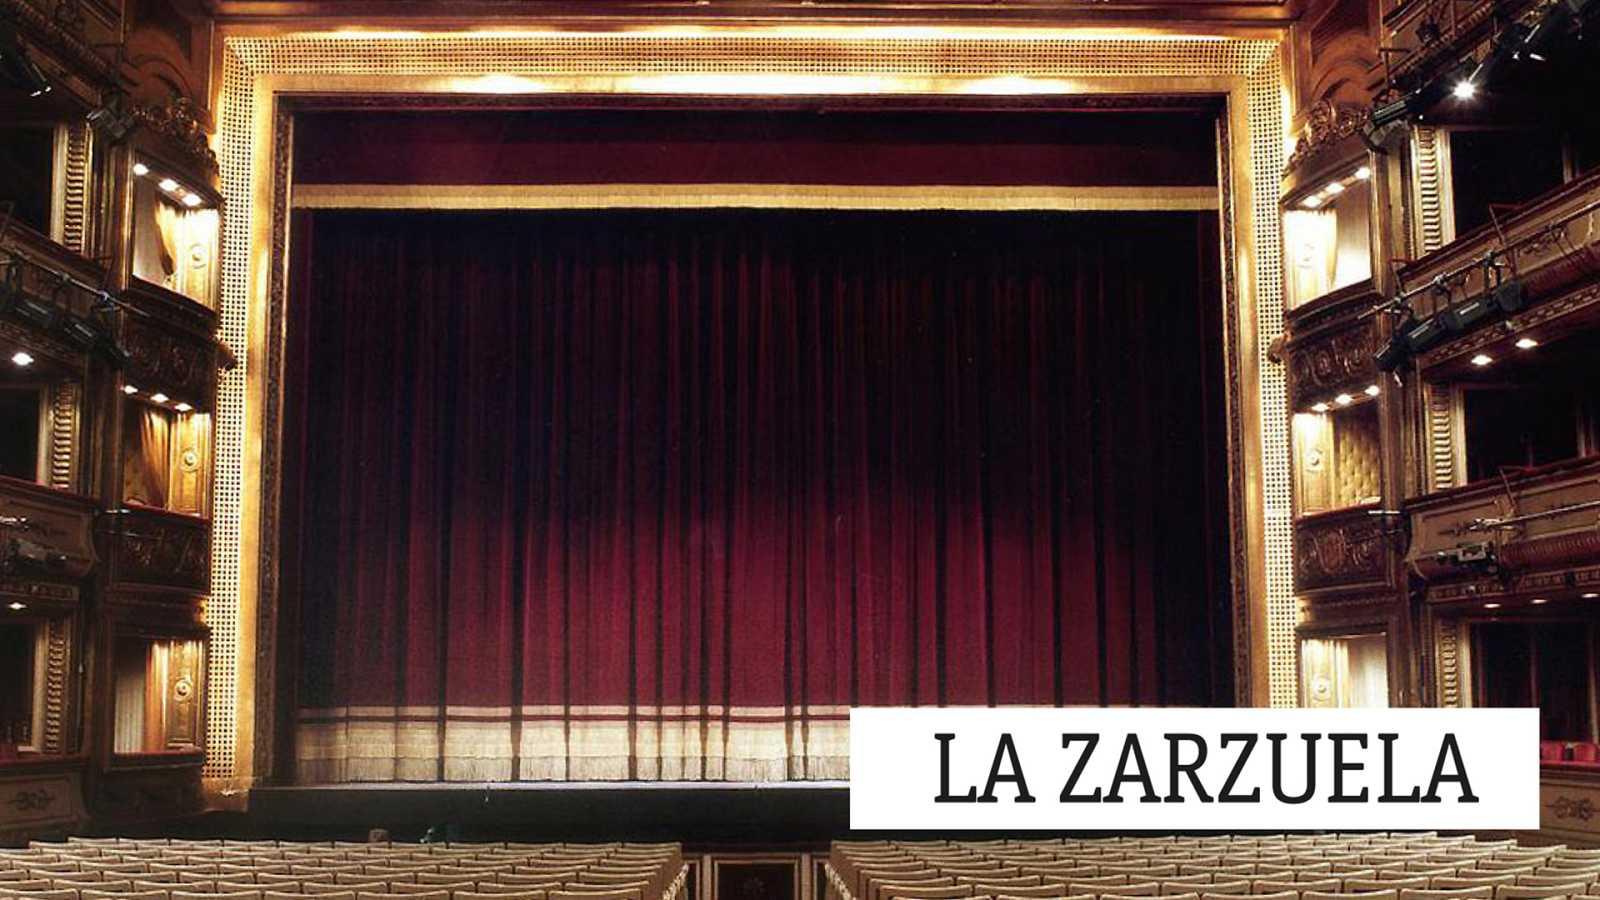 La zarzuela - Creación e interpretación: Adolfo Torrado y Luis Villarejo - 12/05/21 - escuchar ahora